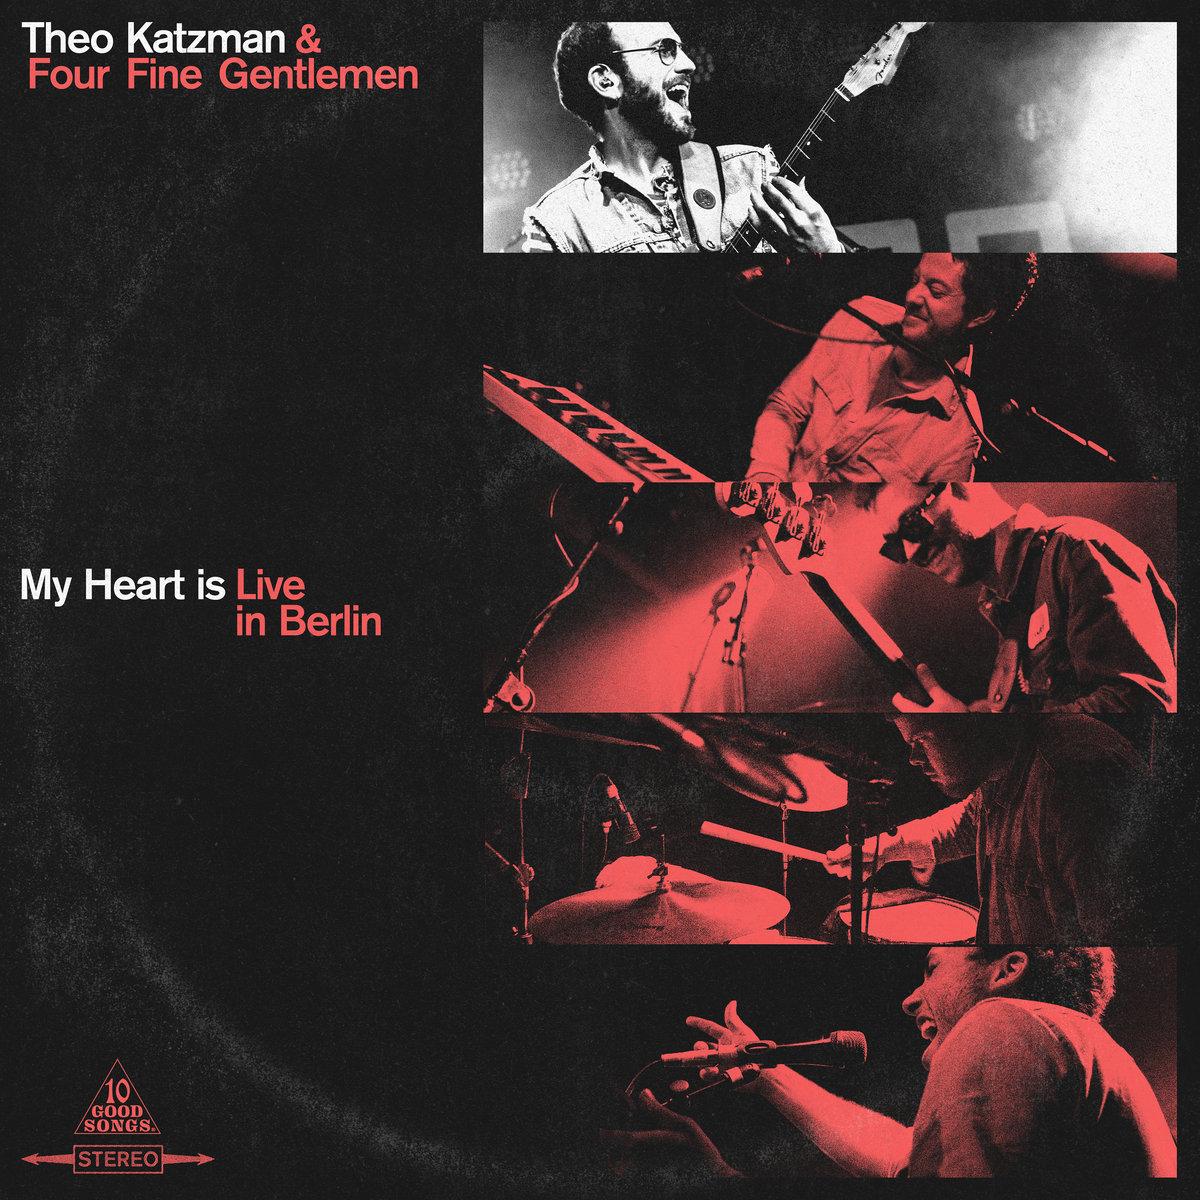 Theo Katzman Live In Berlin.jpg